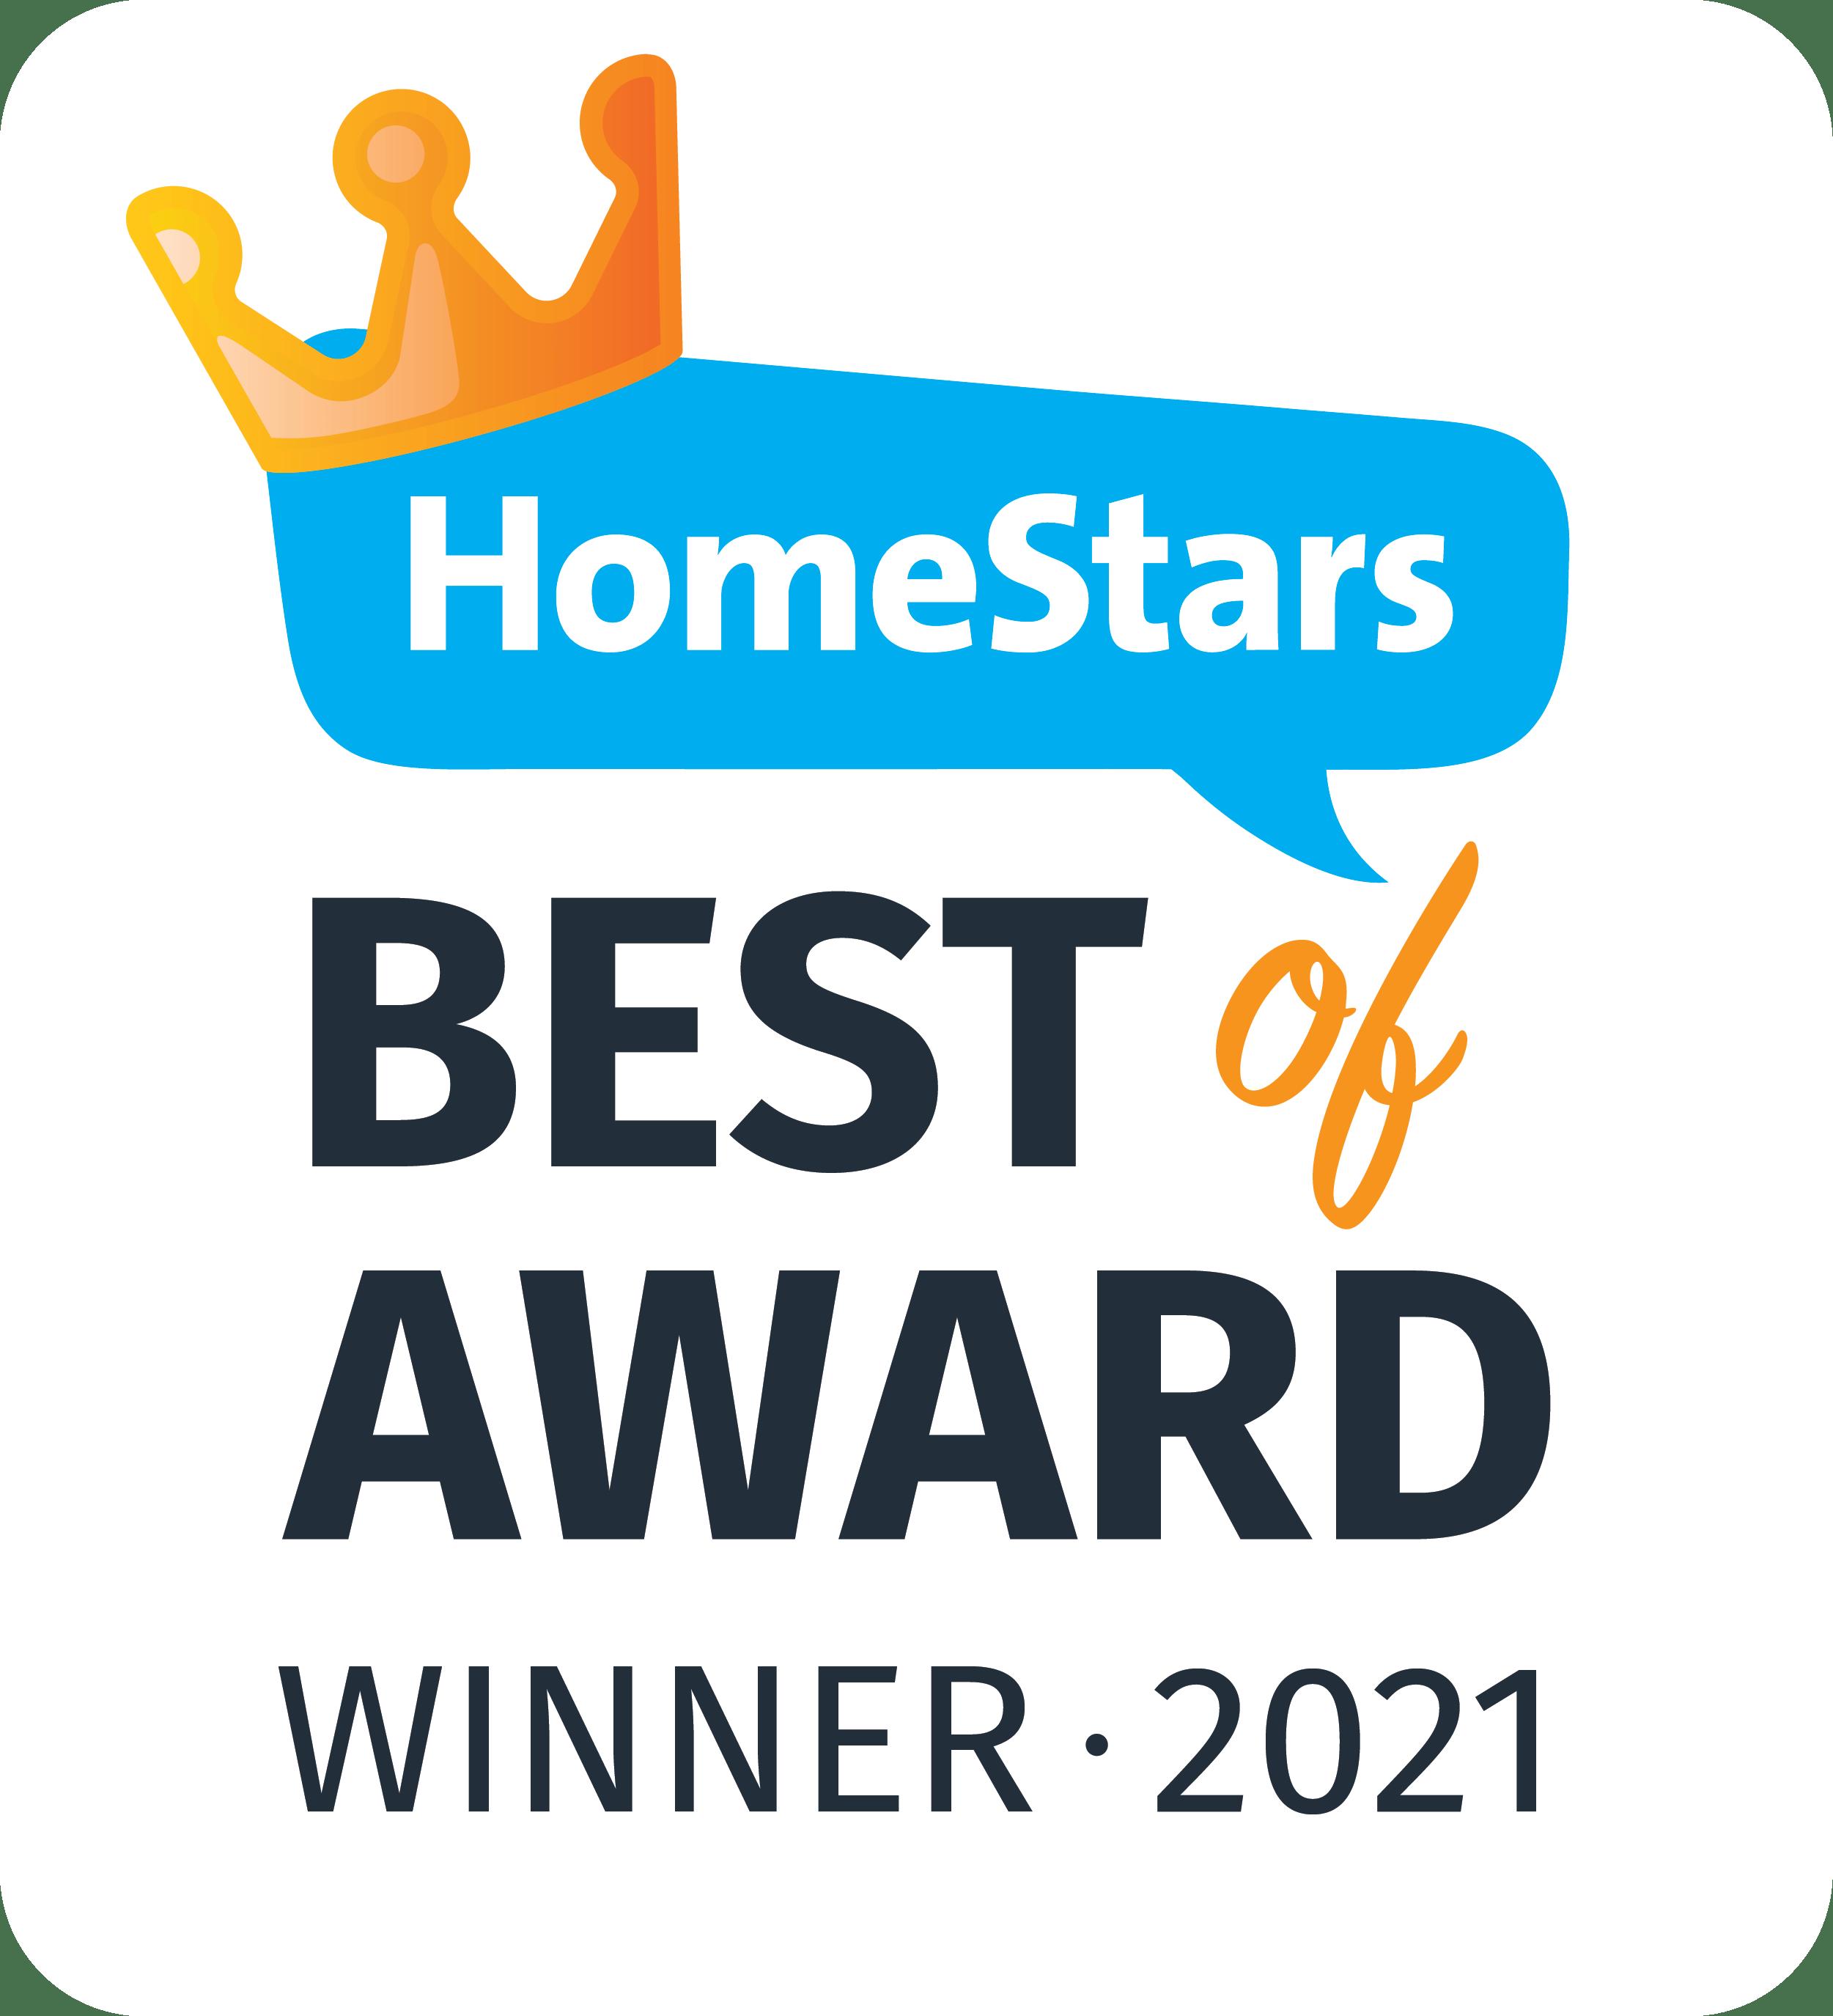 HomeStars Best of Award Winner 2021